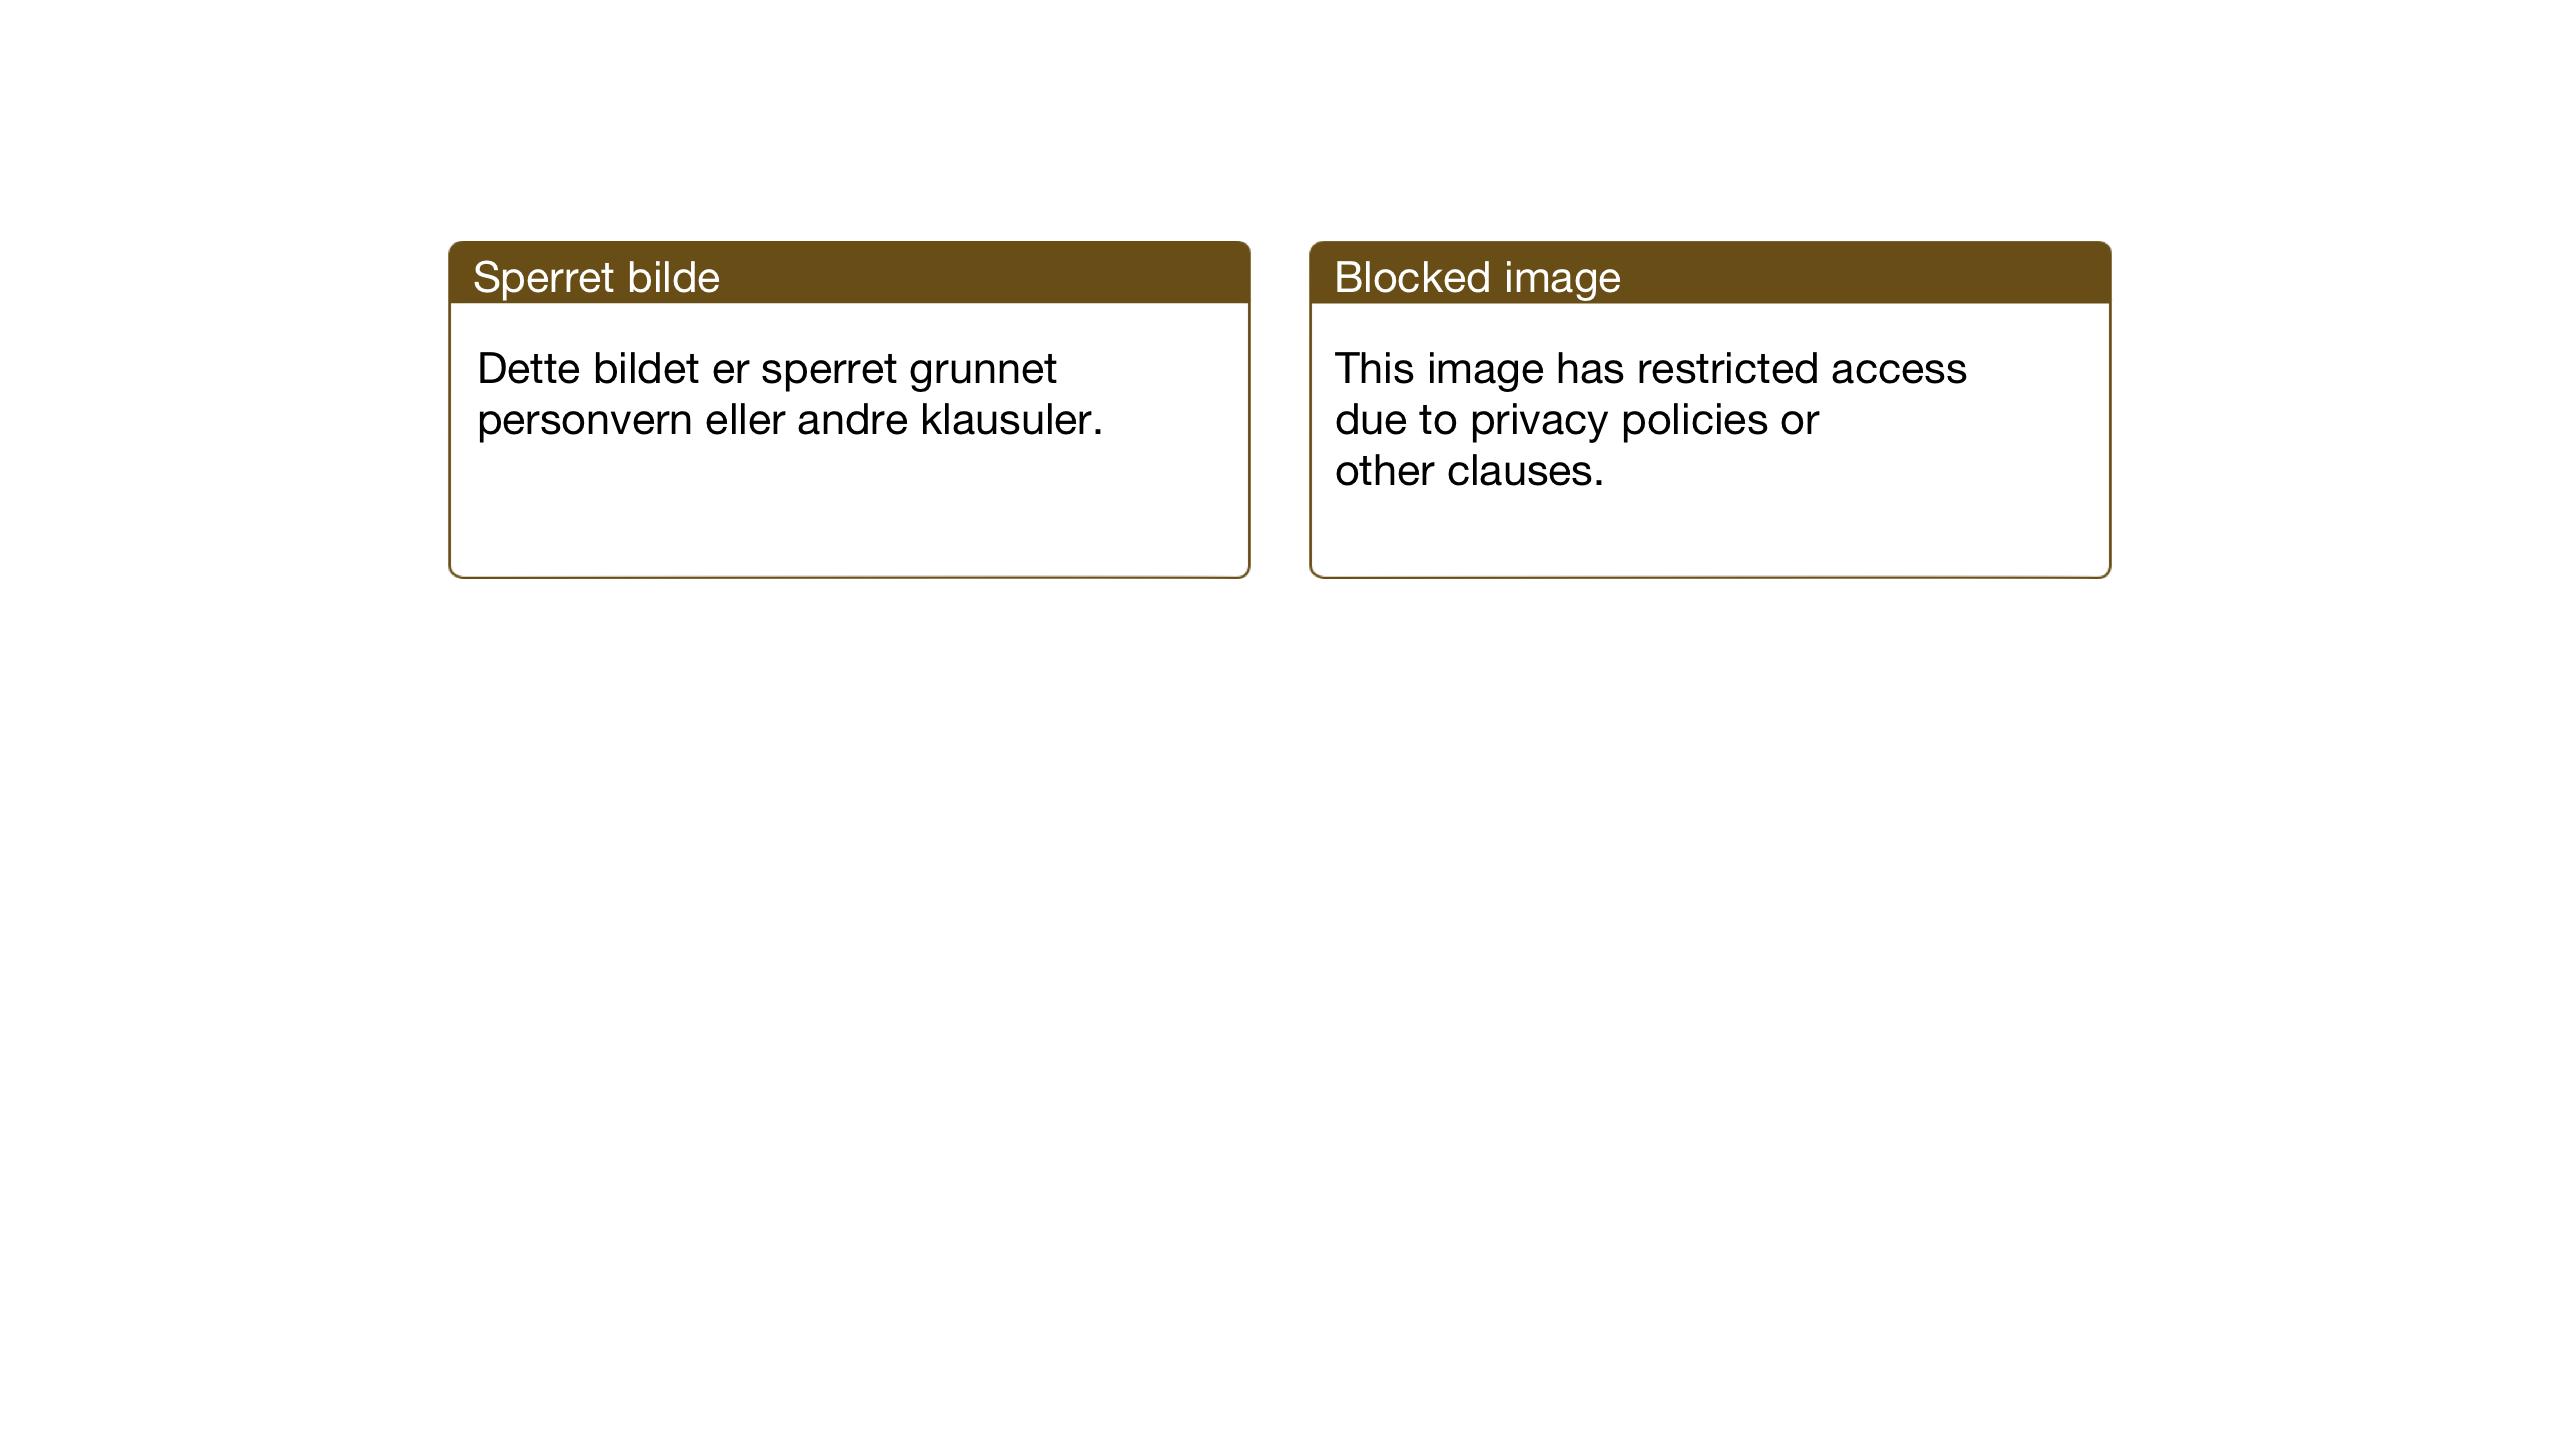 SAT, Ministerialprotokoller, klokkerbøker og fødselsregistre - Sør-Trøndelag, 653/L0658: Klokkerbok nr. 653C02, 1919-1947, s. 71